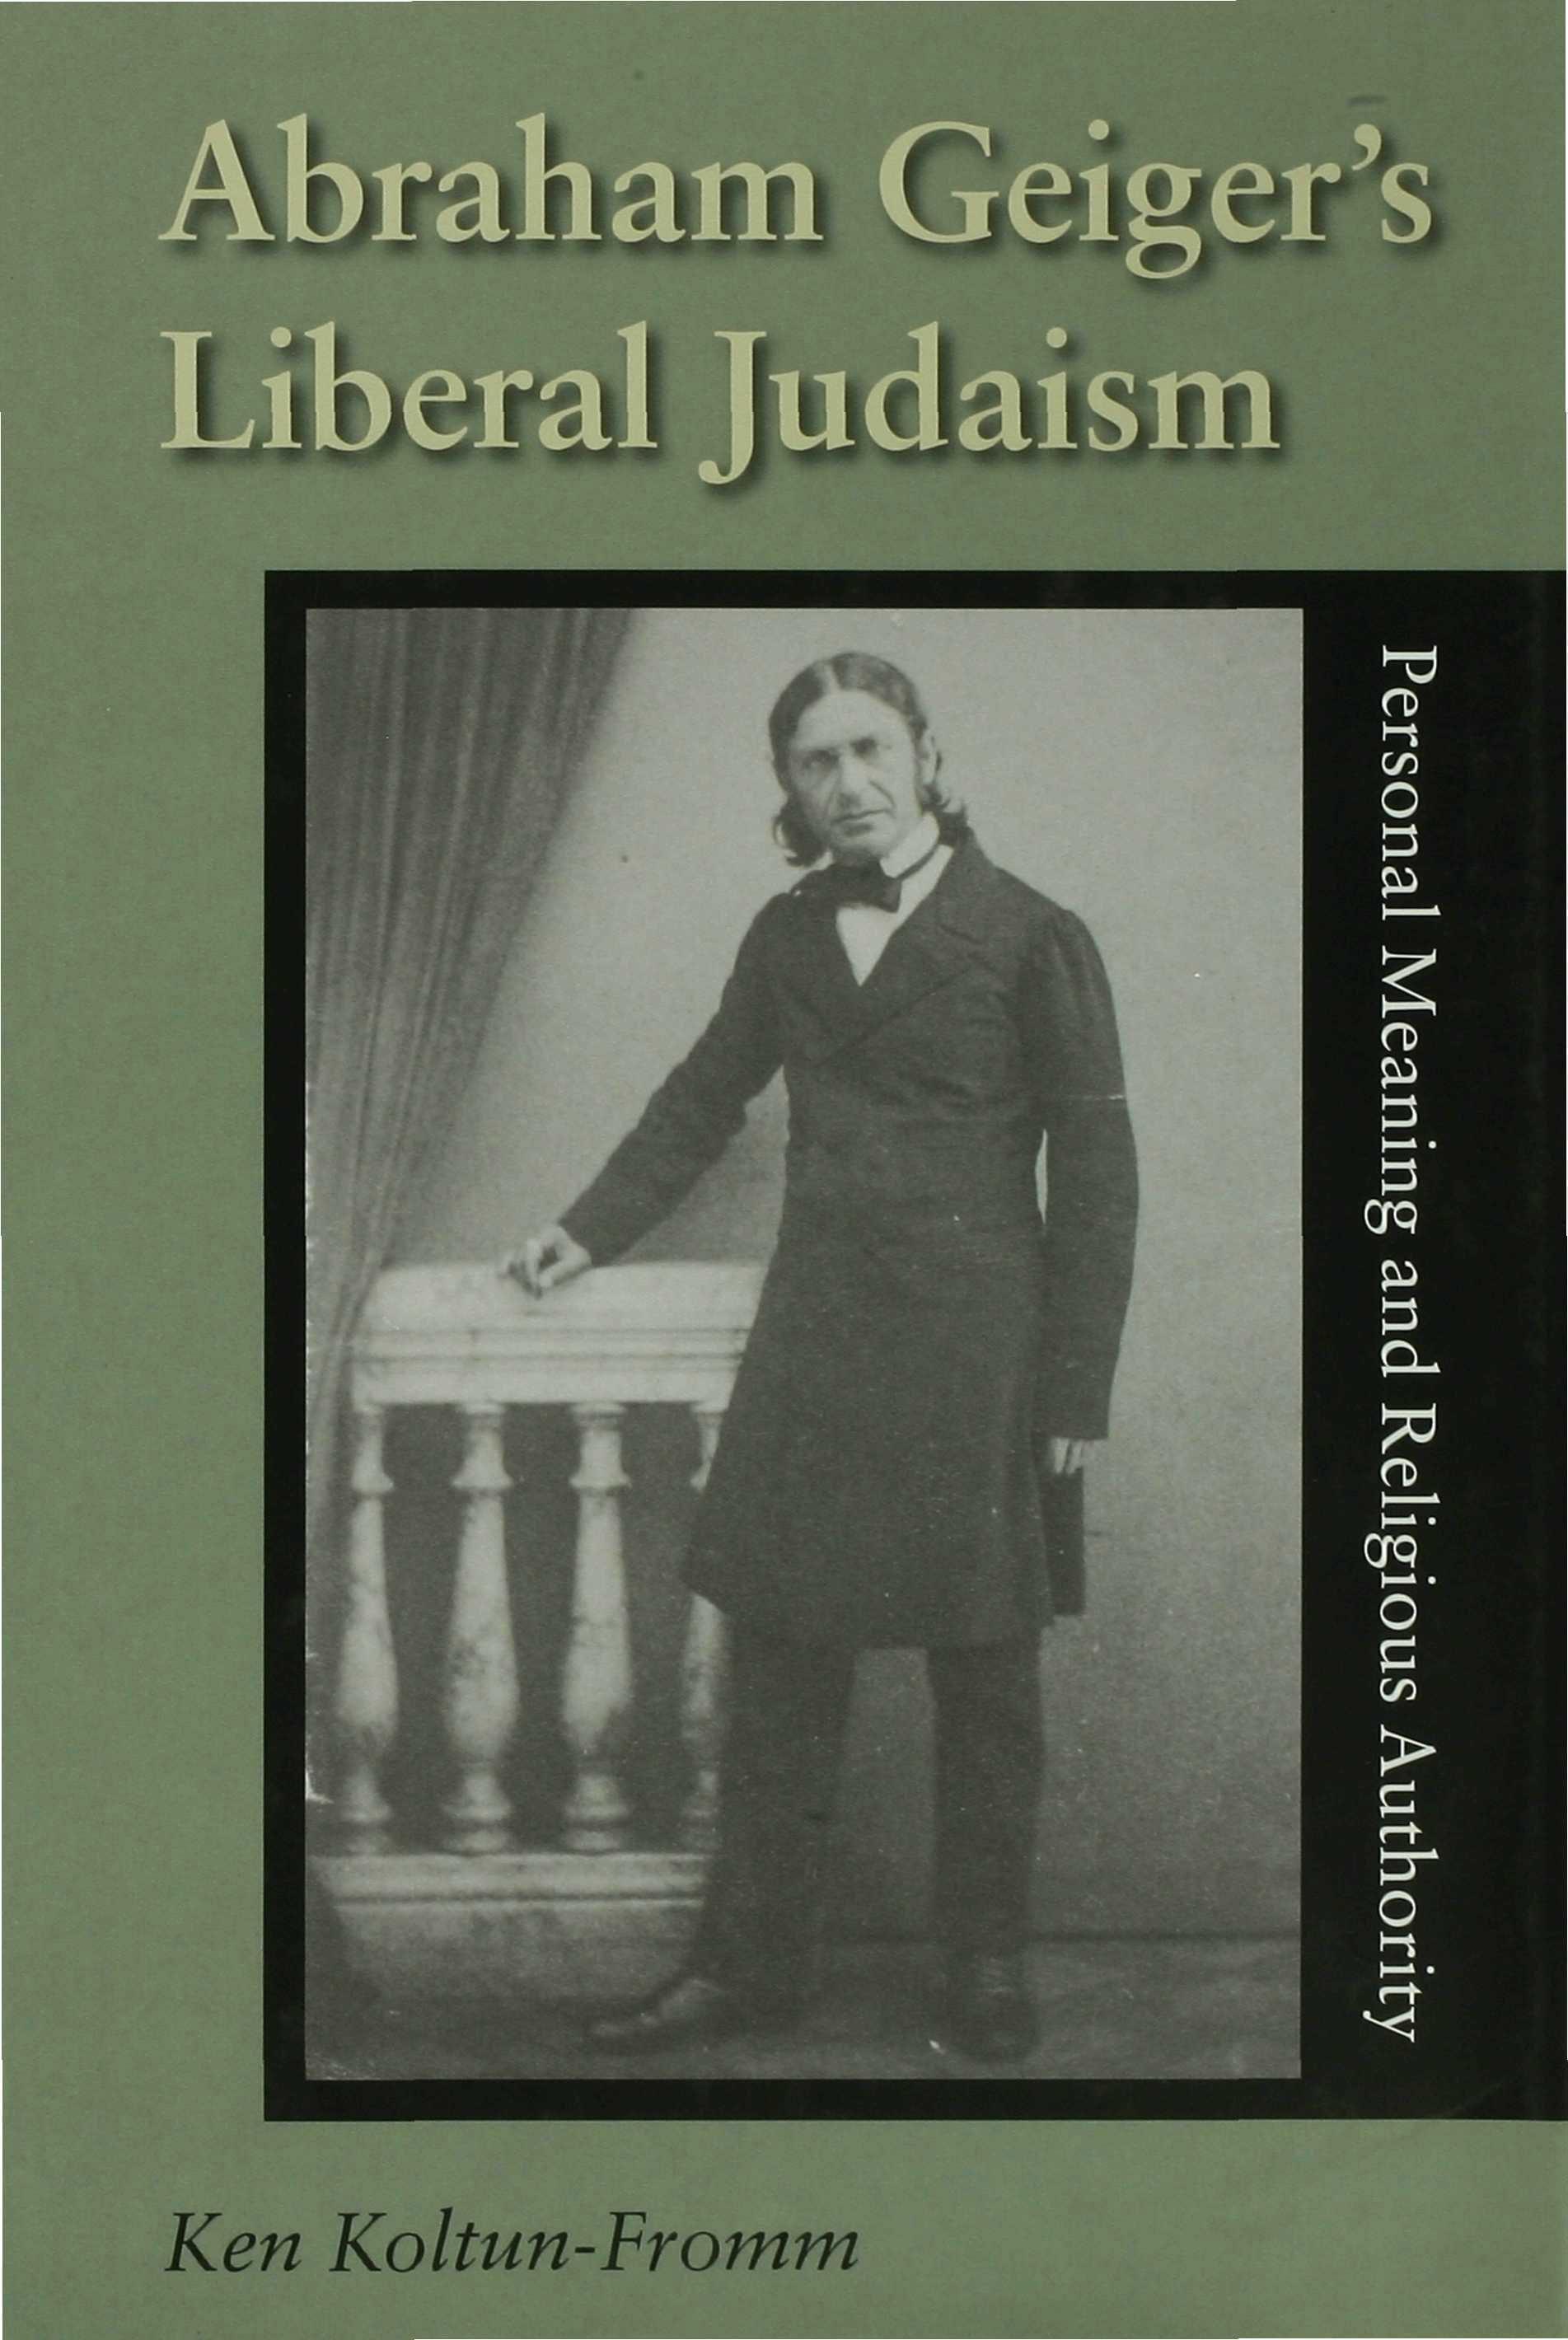 Abraham Geiger's Liberal Judaism EB9780253111852